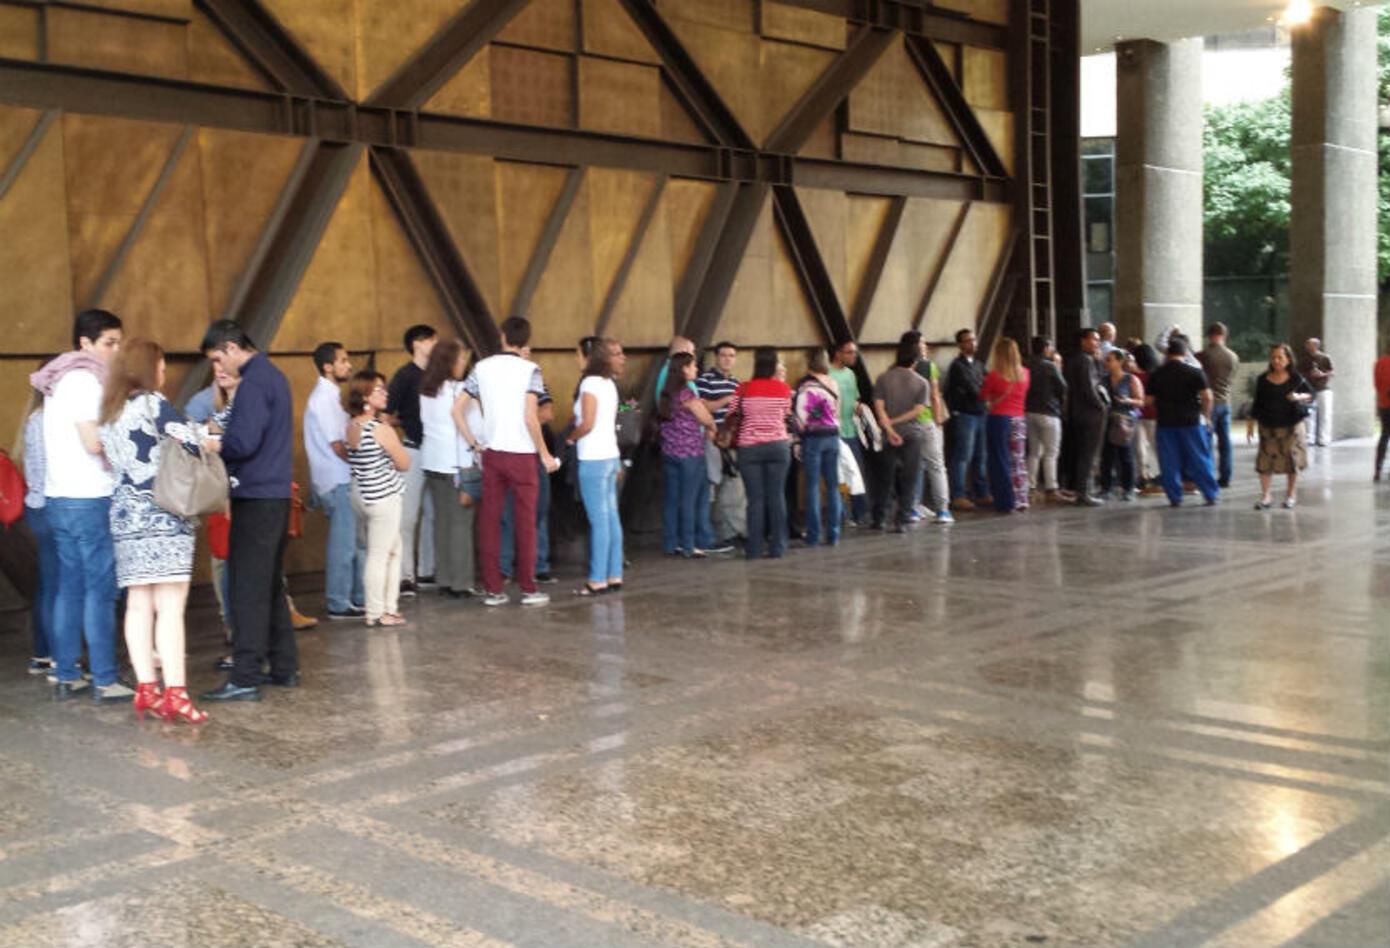 Largas filas se forman en uno de los espacios culturales de Caracas